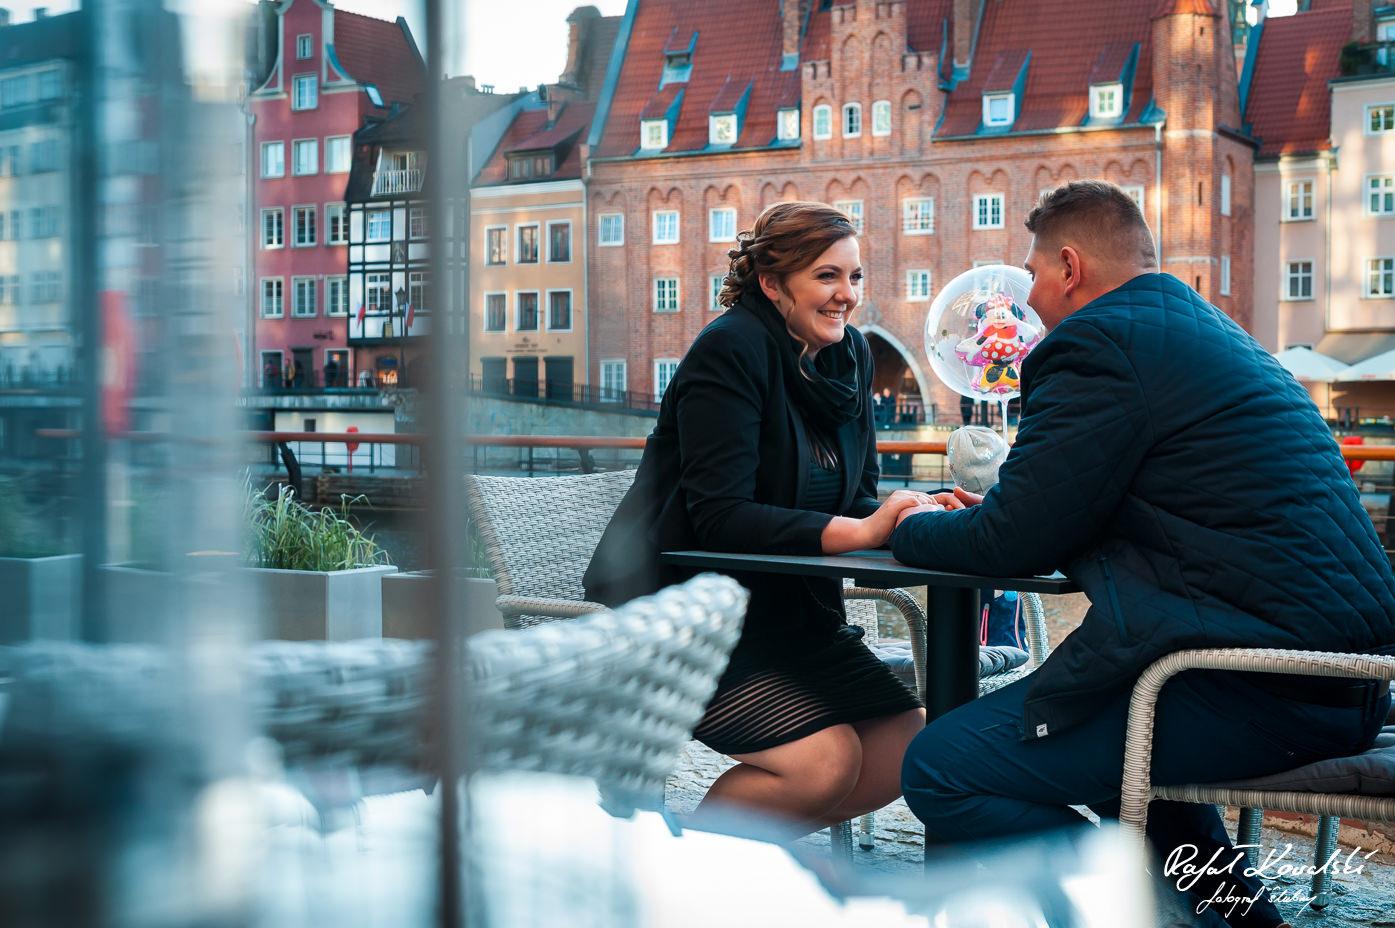 dobre nastawienie i humor podczas sesji narzeczeńskiej bardzo ułatwiają fotografowanie zakochanych par, nie tylko w Gdańsku, ale też w każdym innym miejscu